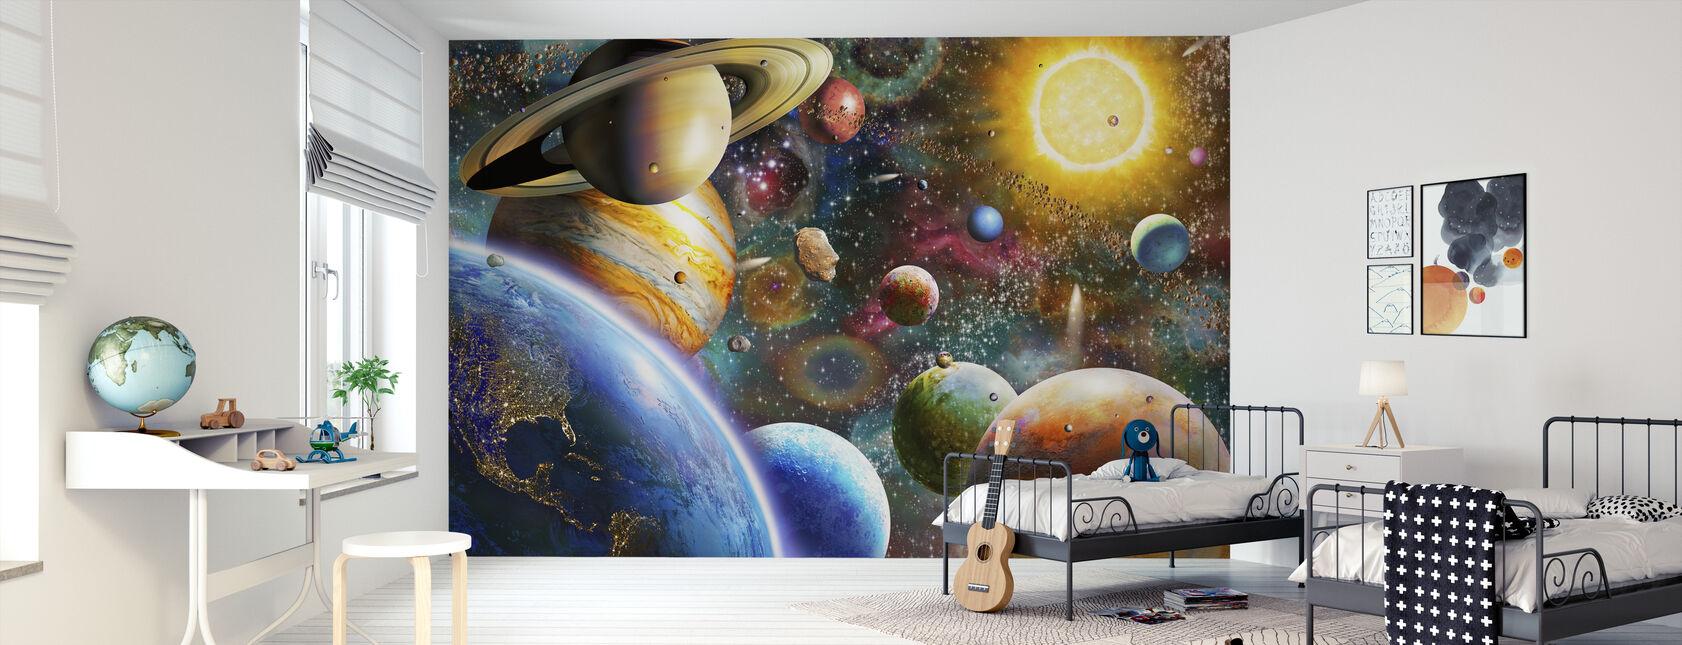 Planeetat avaruudessa - Tapetti - Lastenhuone